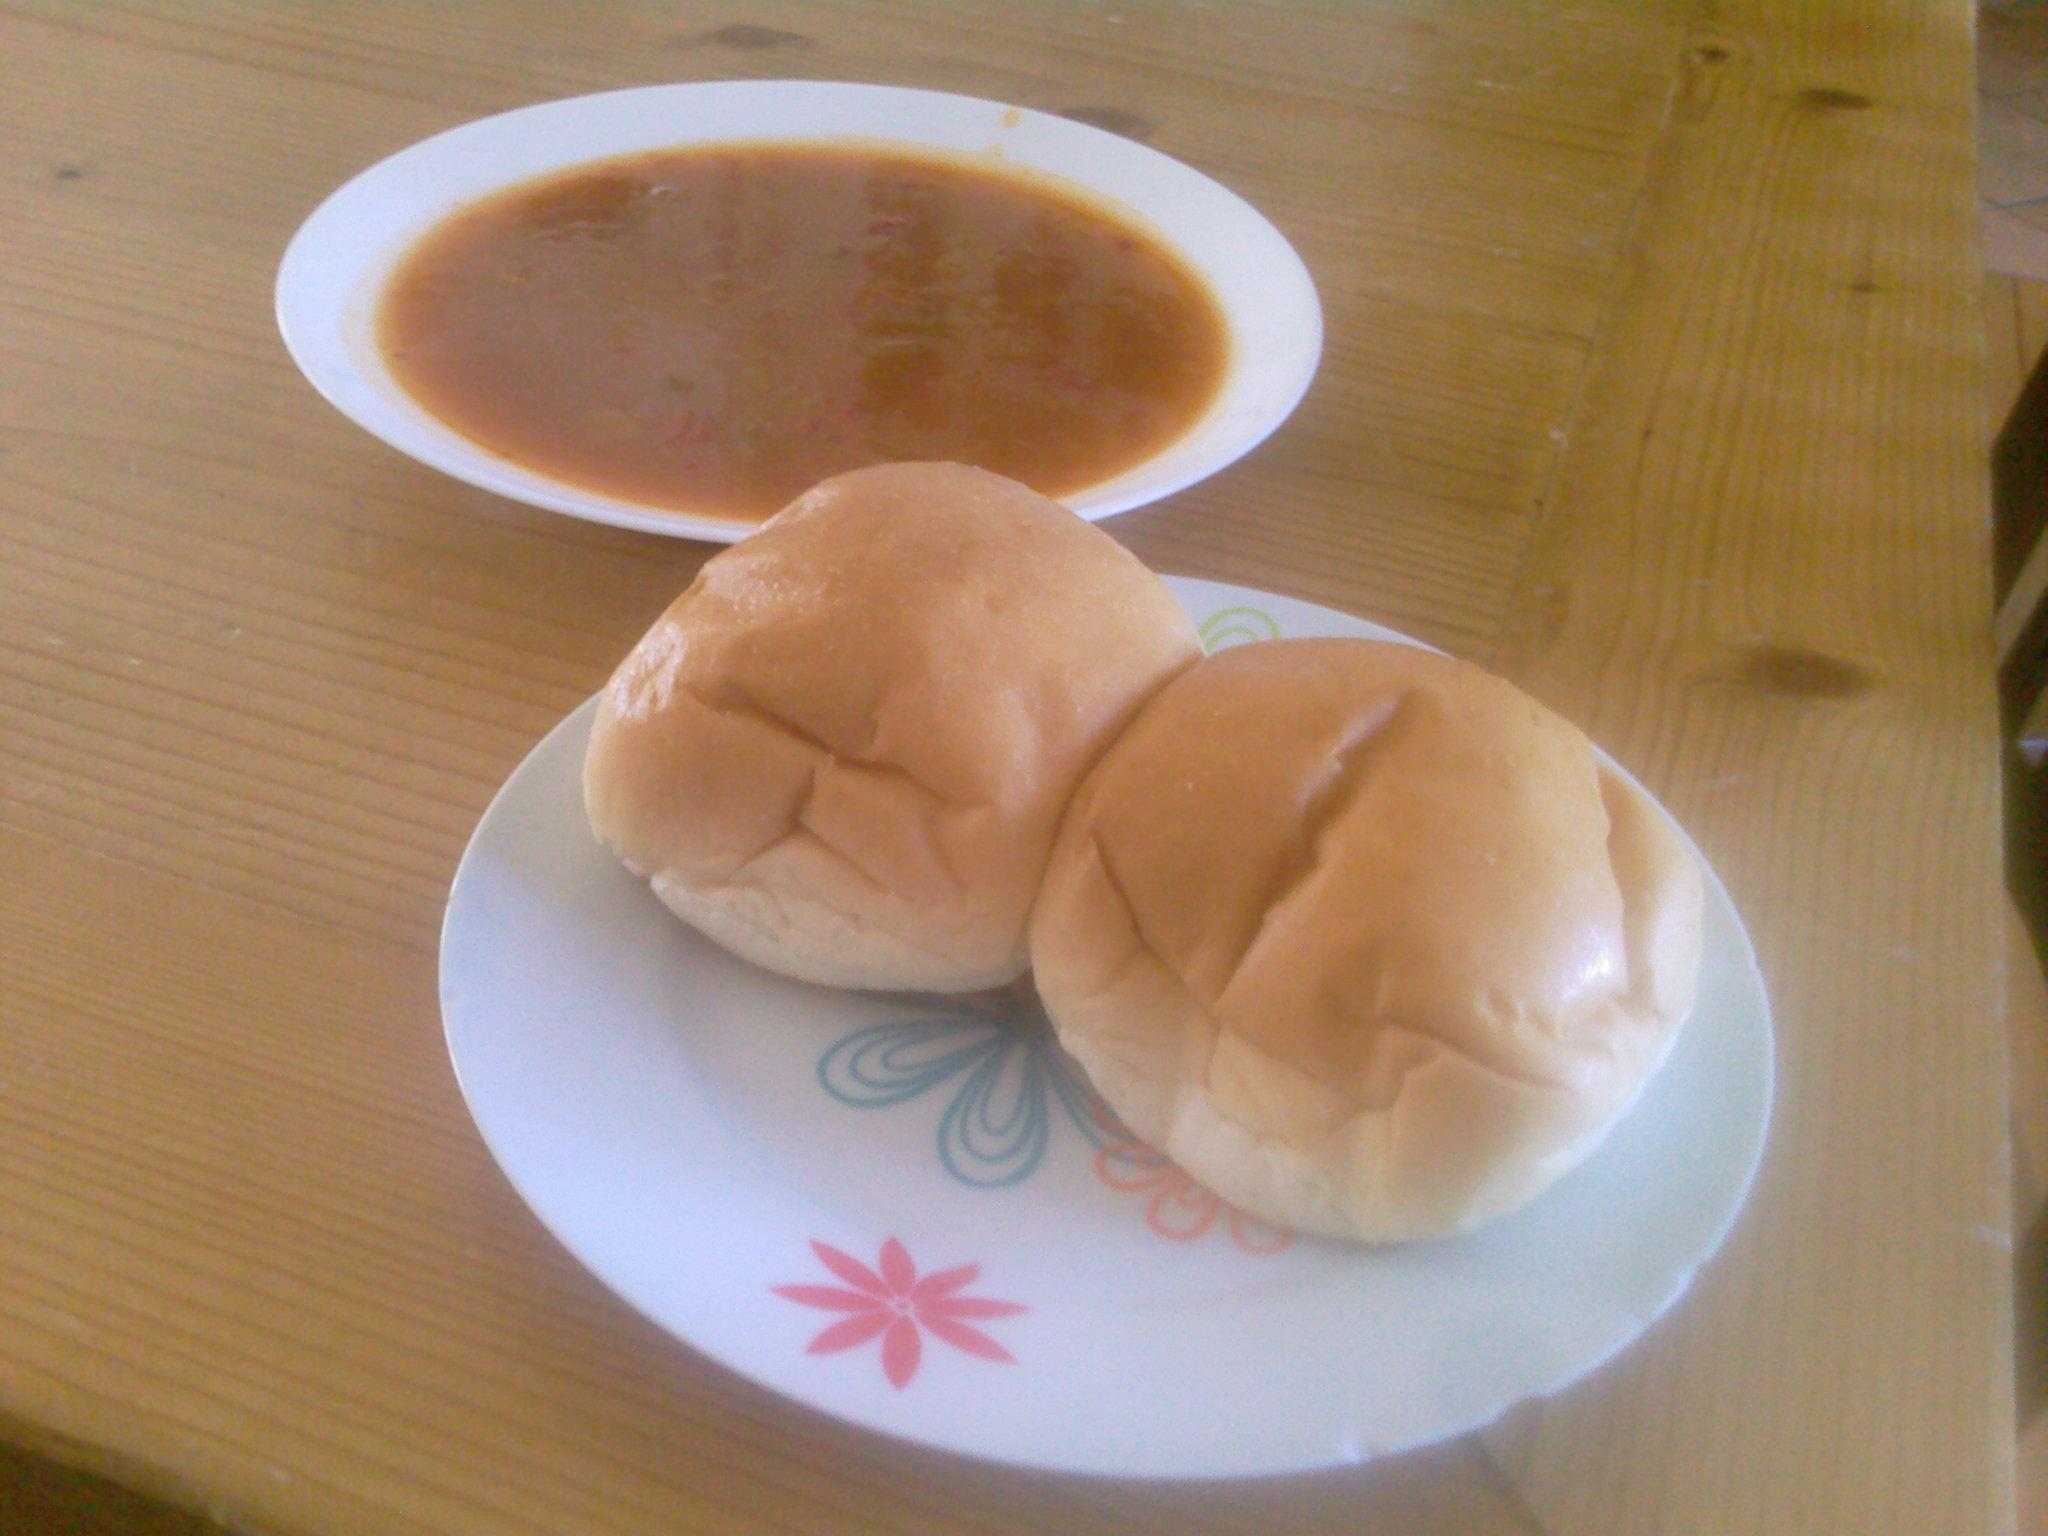 https://foodloader.net/wcbrilman_2009-07-16_soup_and_bread_ew_disgusting.jpg